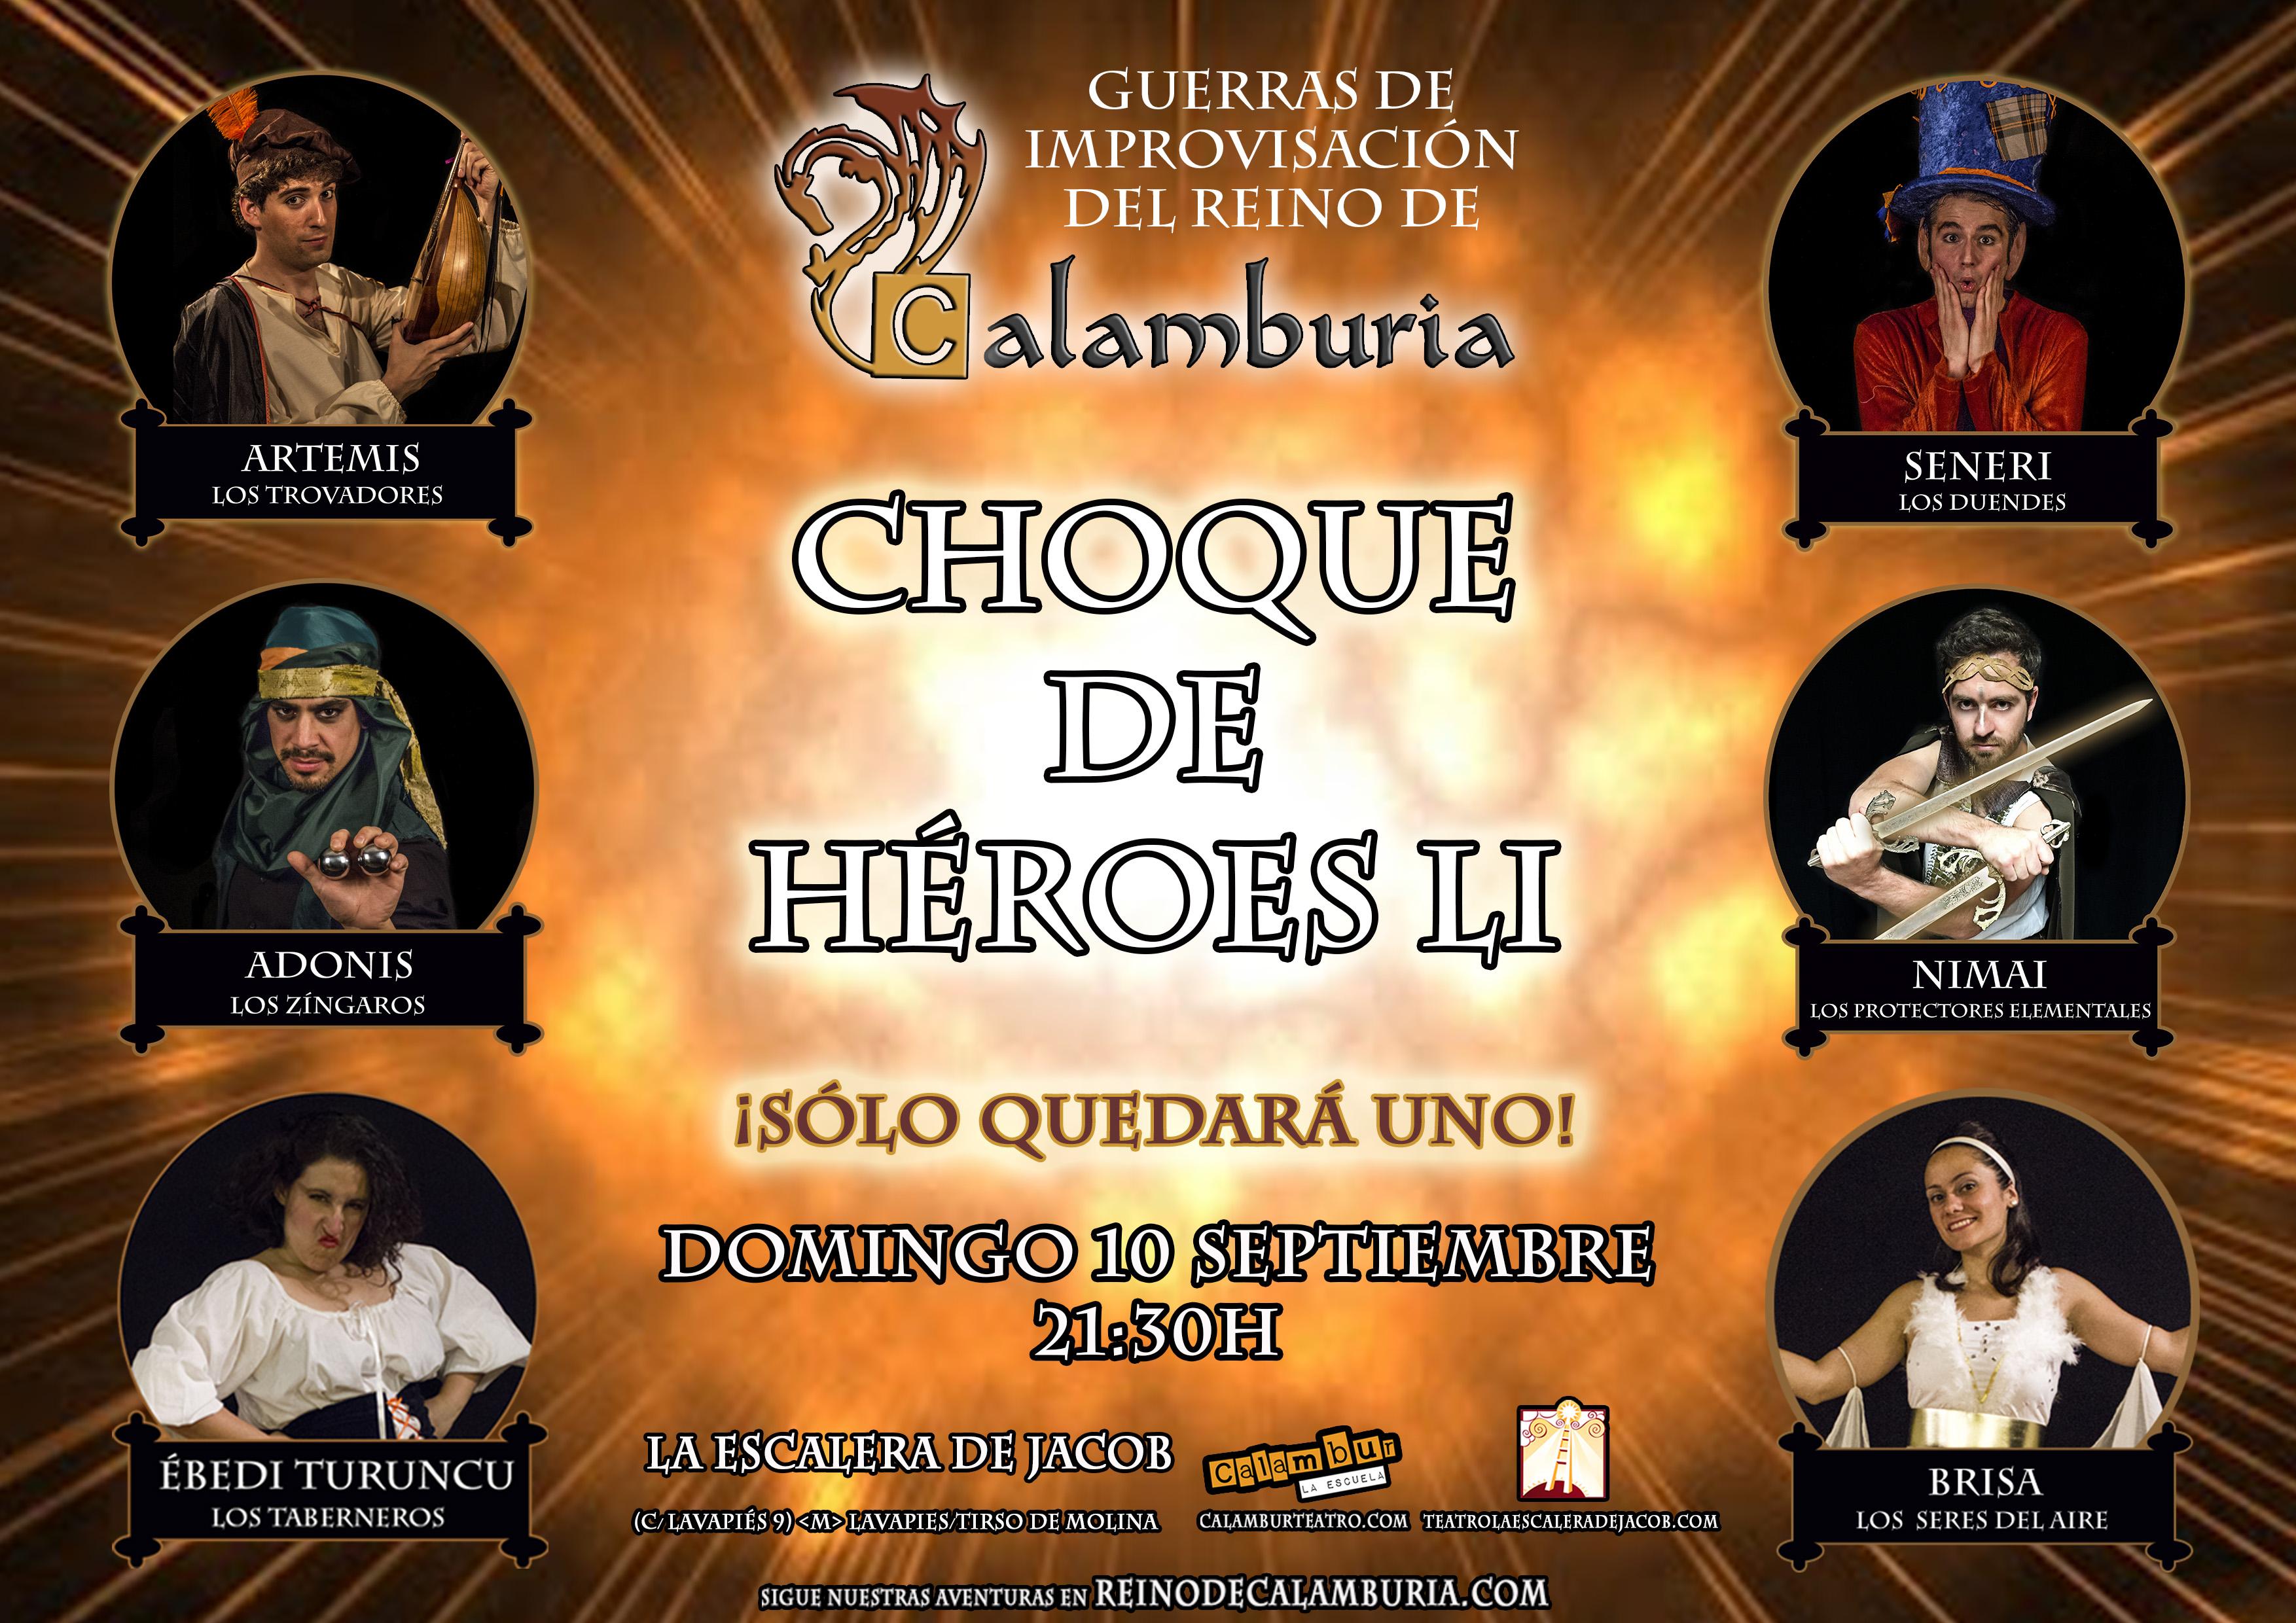 CHOQUE DE HEROES 51